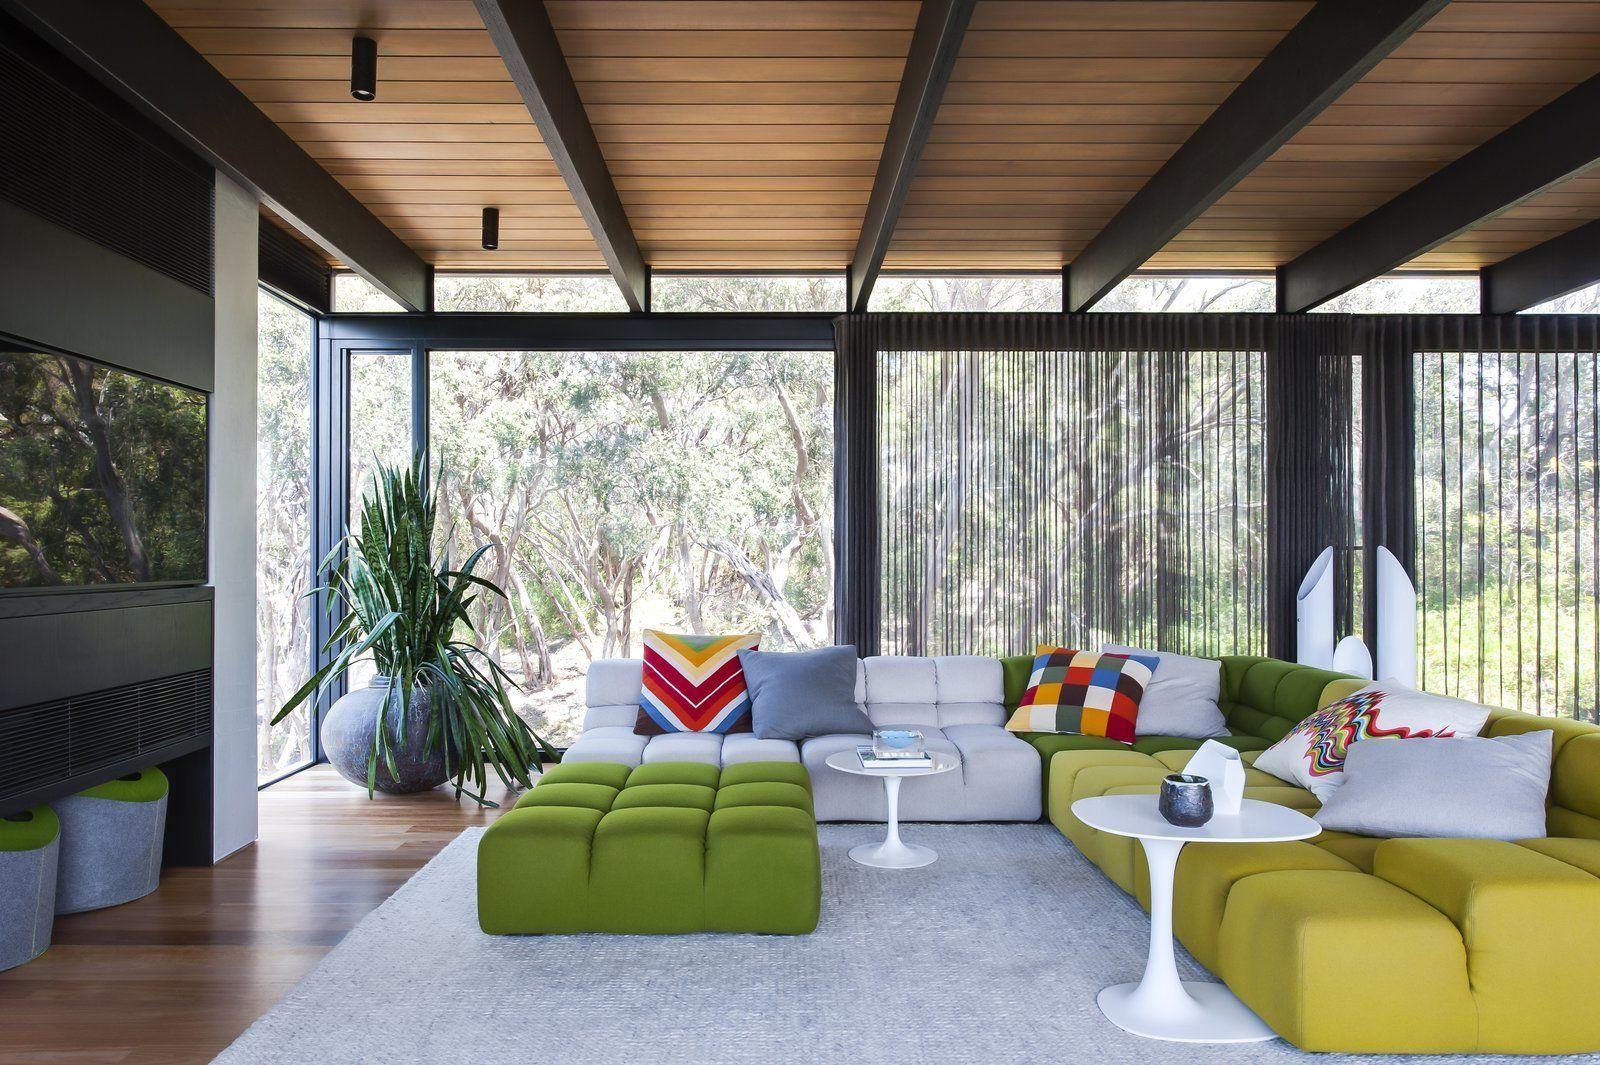 Maison Bois Avis photo 2 of 11 in 11 amazing australian homes | maison design